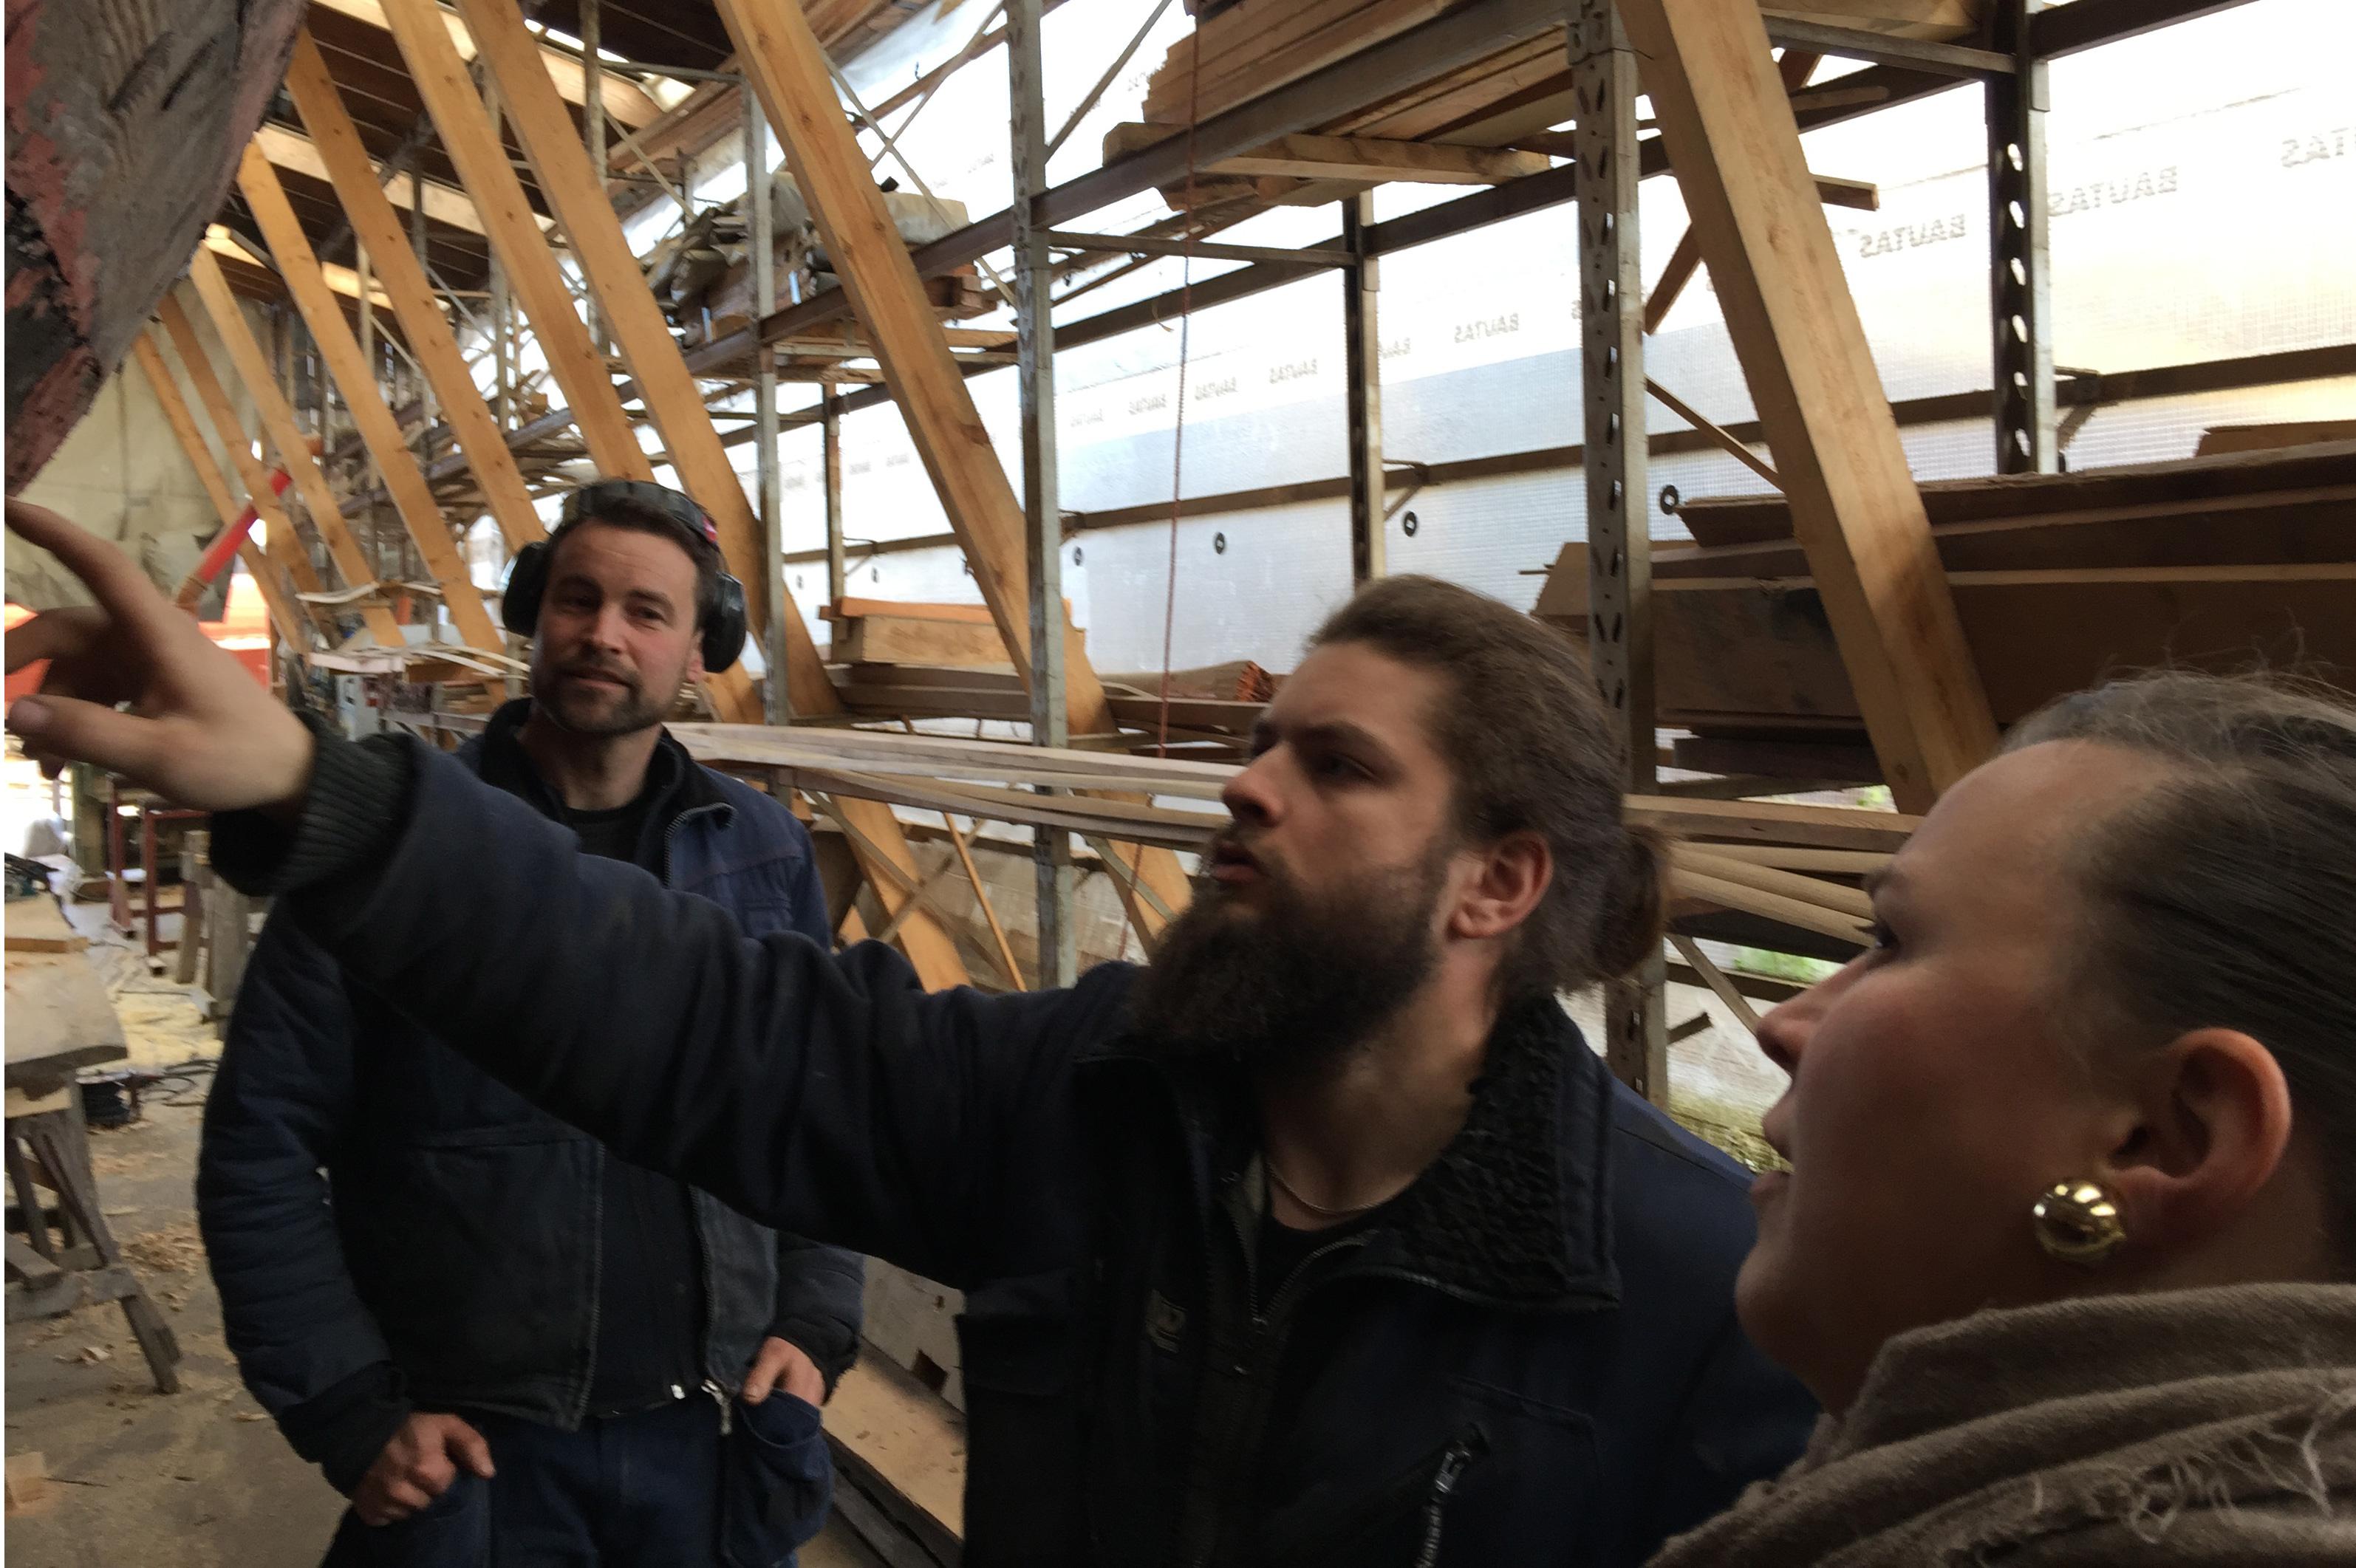 Kulturringens Kristine blir satt inn i trebåtbyggerkunsten på Maritime Center Fredrikstad av fagleder Caspar Hillestad og lærling Gudmundur